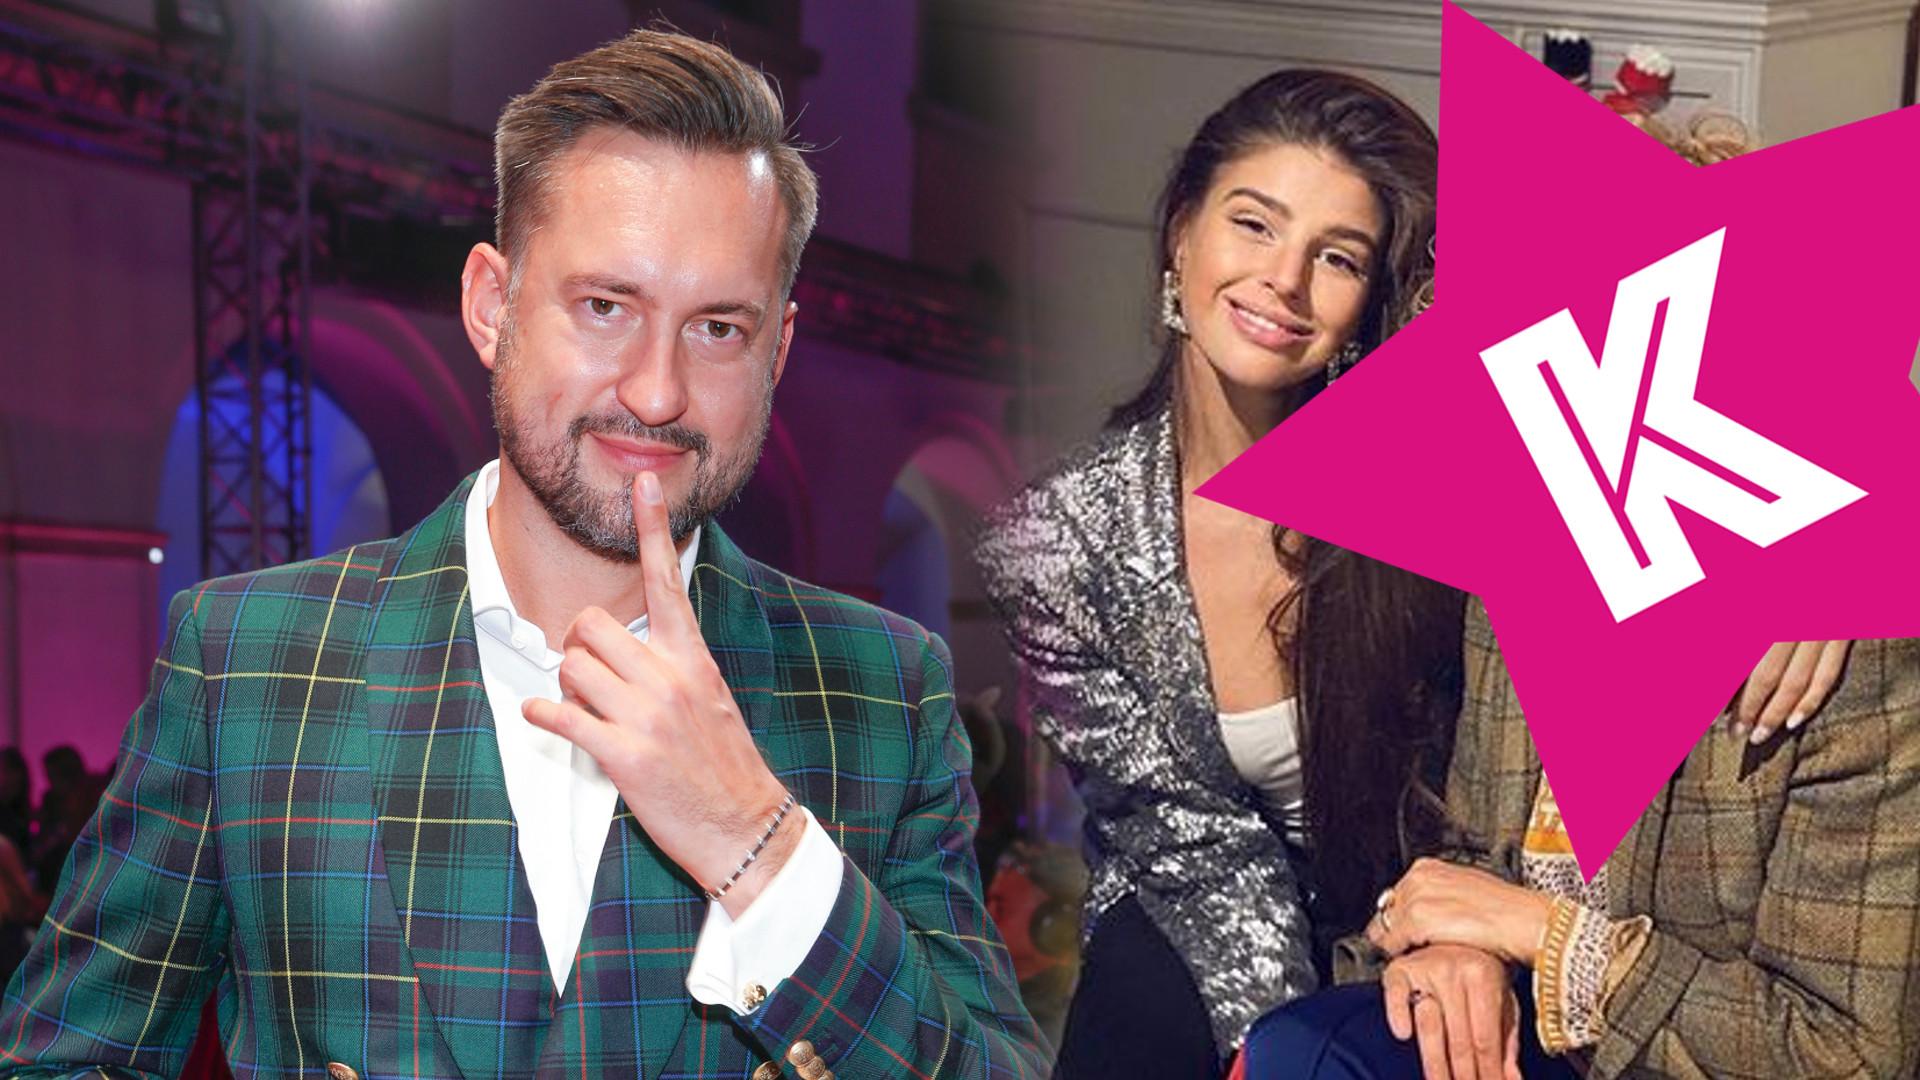 """Żona Marcina Prokopa to prawdziwa piękność. Uczestniczka """"Top Model"""" dodała z nią zdjęcie"""